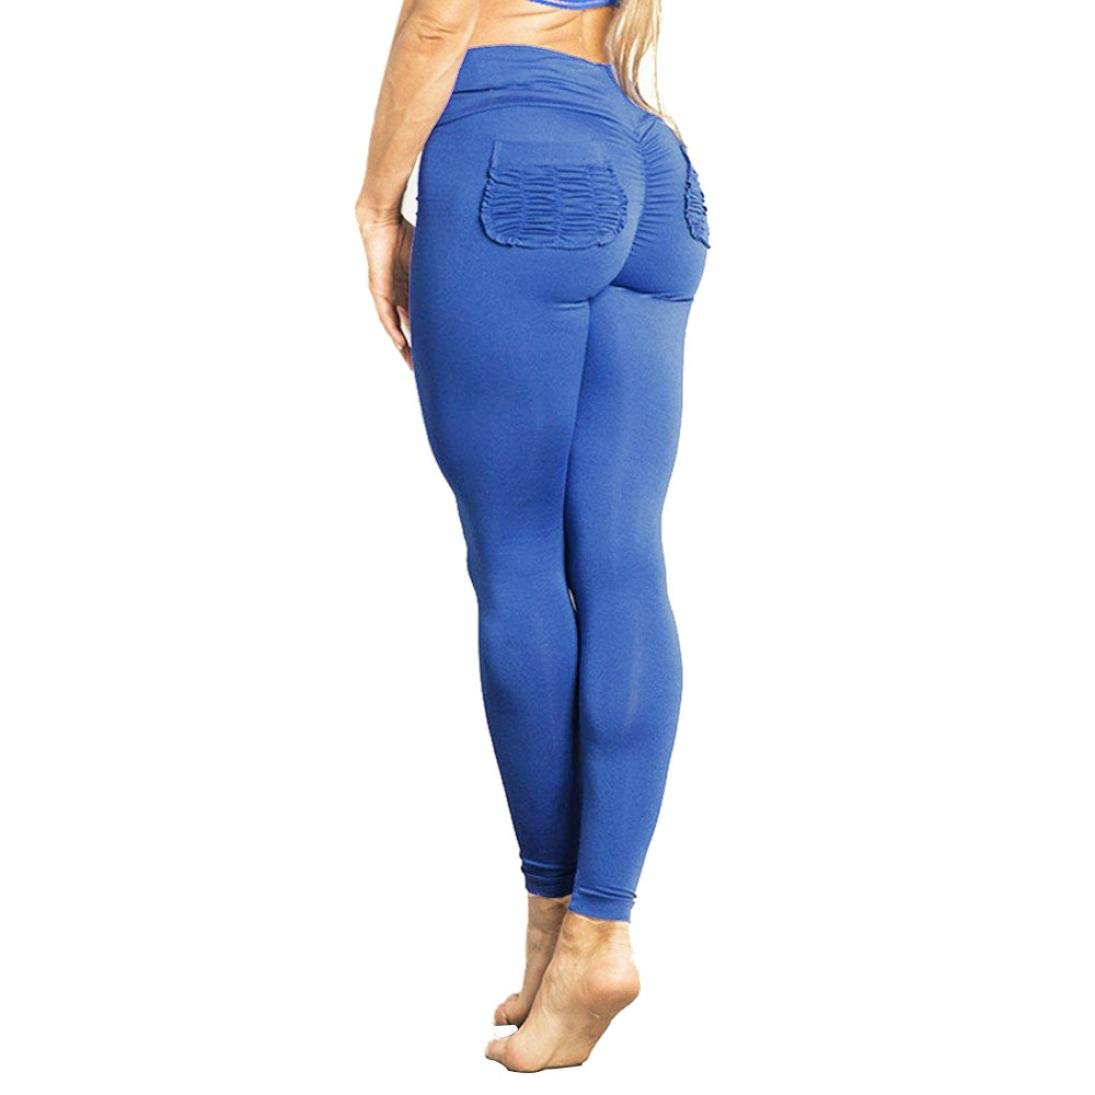 Pantalon de yoga pantalons de survêtement pour Femmes, Toamen Taille haute Pantalon de sport extensible Gym Pantalon Couleur pure Aptitude poche Mode (S, Bleu)